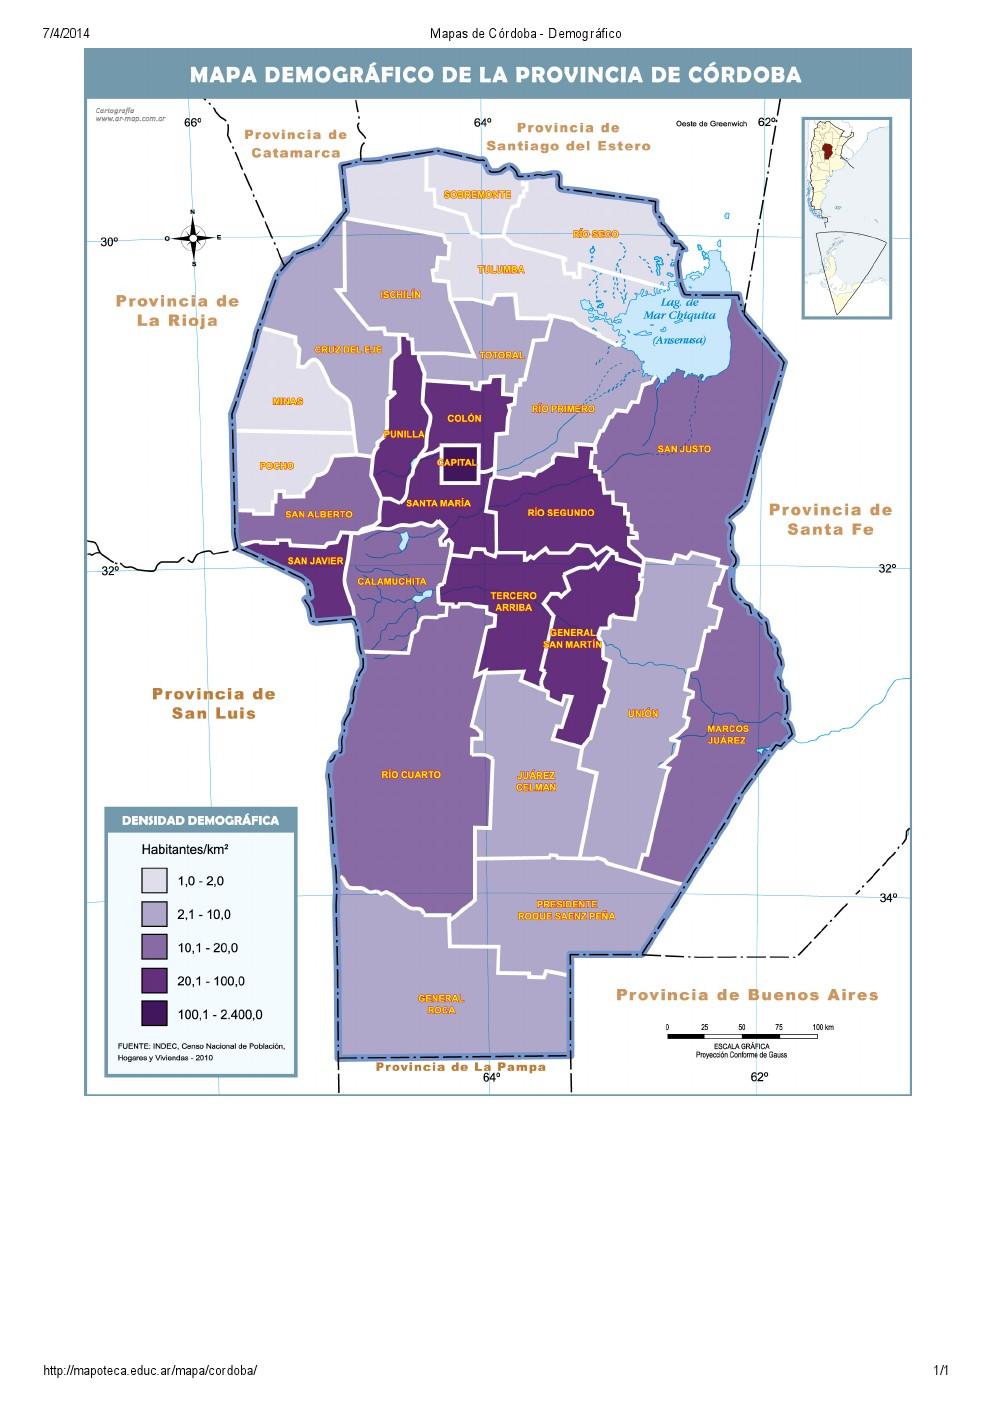 Mapa demográfico de Córdoba. Mapoteca de Educ.ar